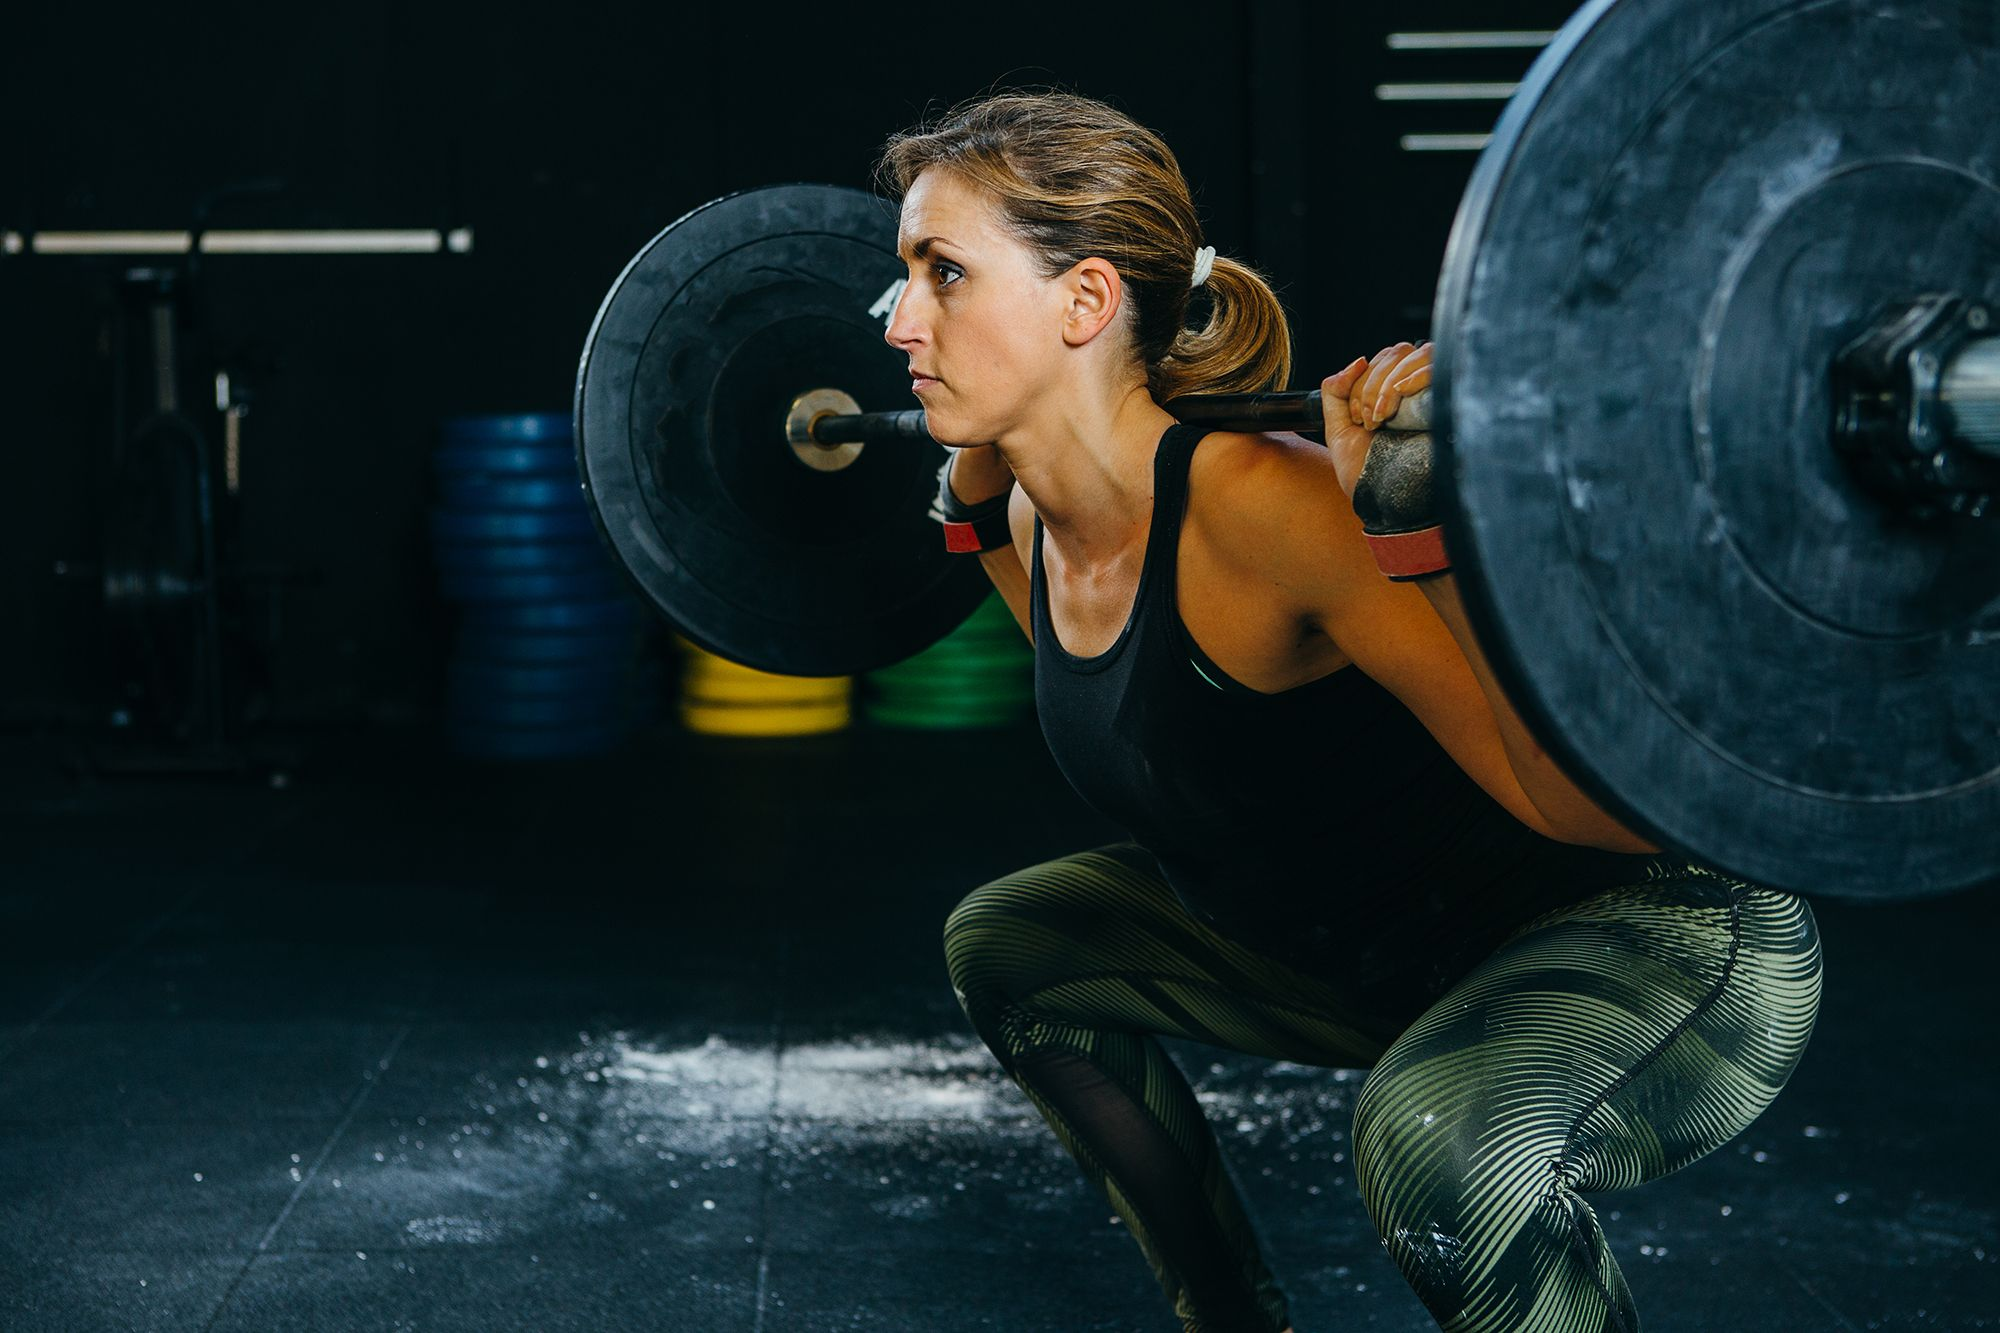 girl doing back squat